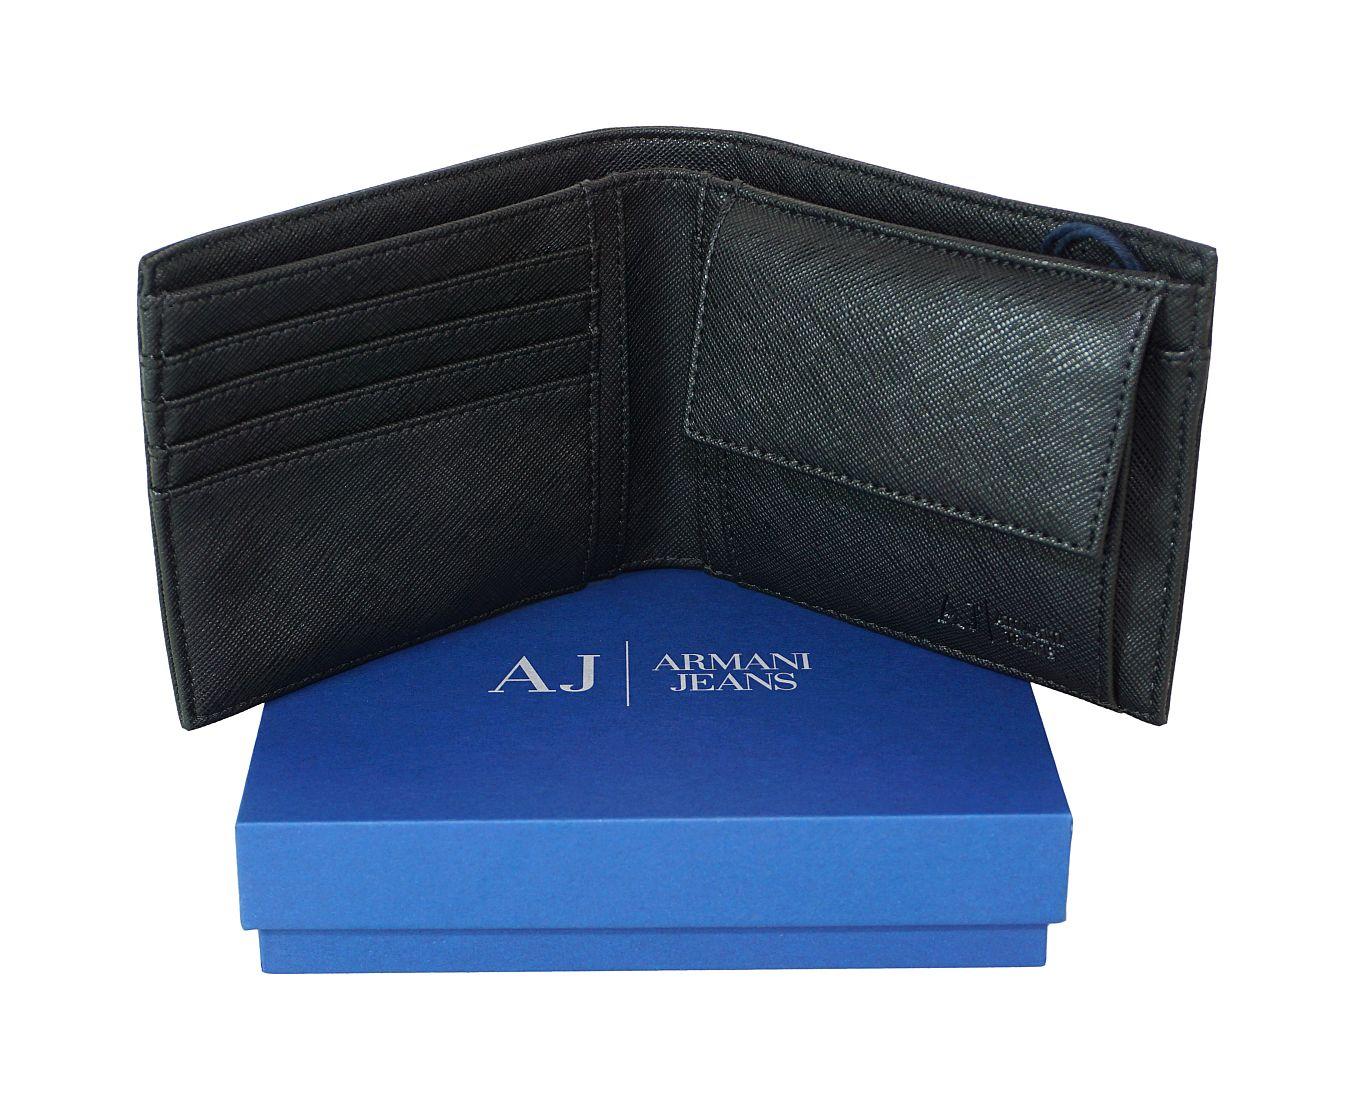 Armani Jeans Geldbörse Börse 938538 CC991 00020 Nero HW16-AJn